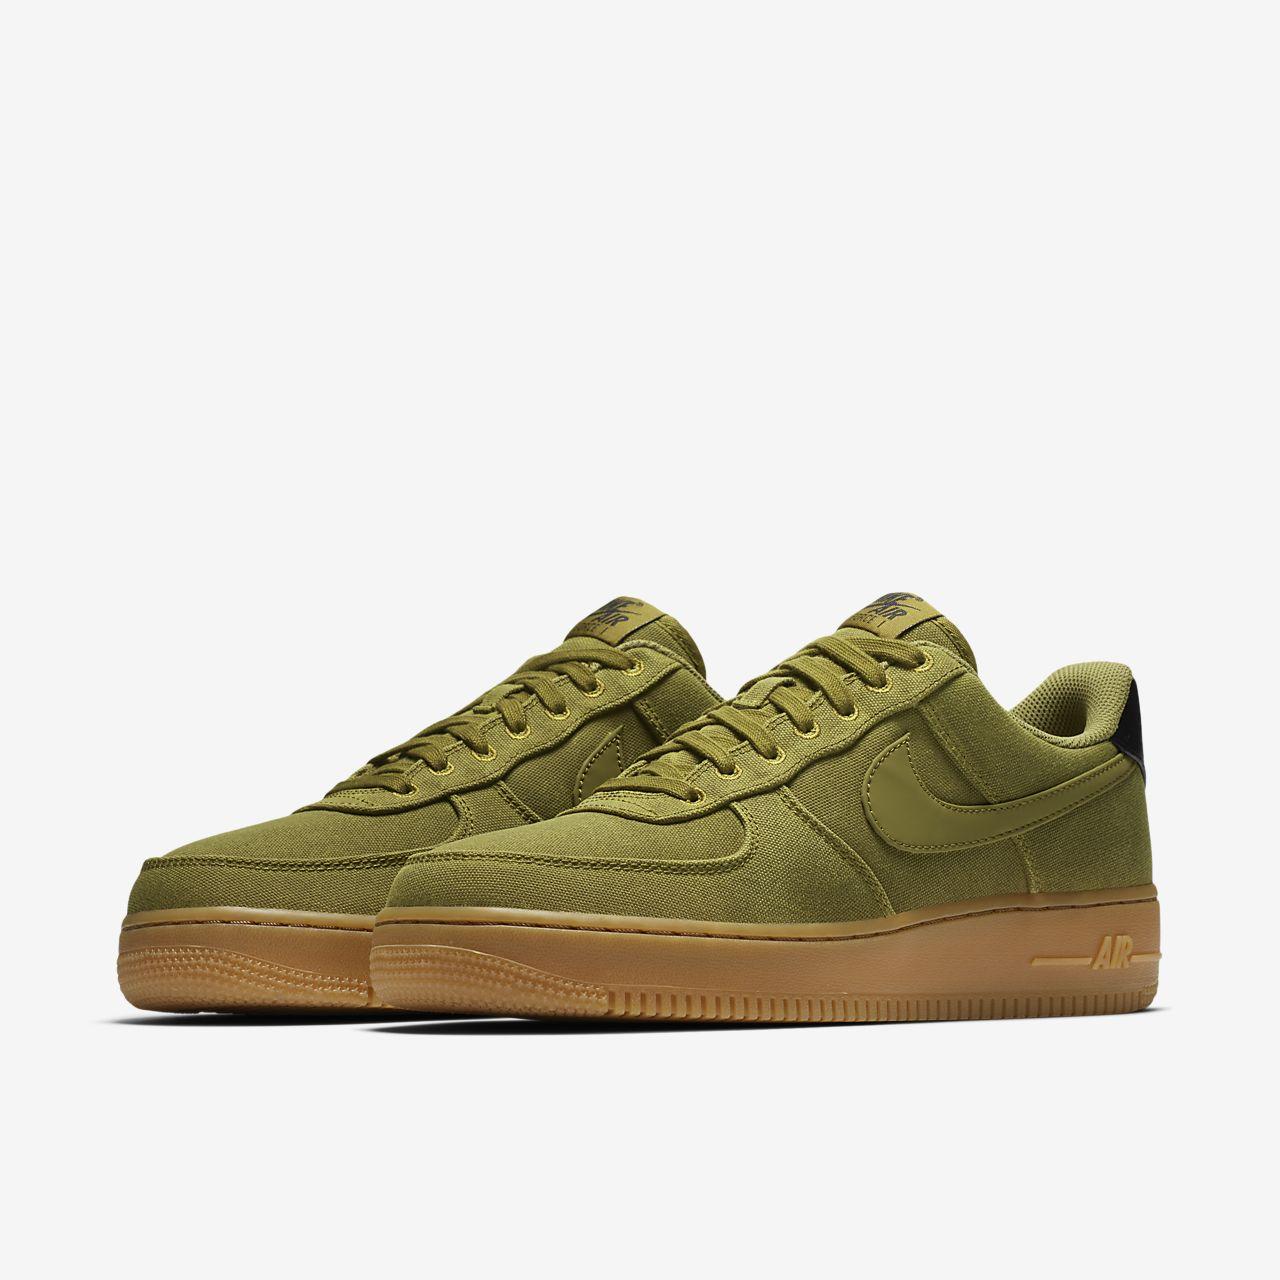 best service 27cab 94d73 ... Nike Air Force 1  07 LV8 Style Men s Shoe